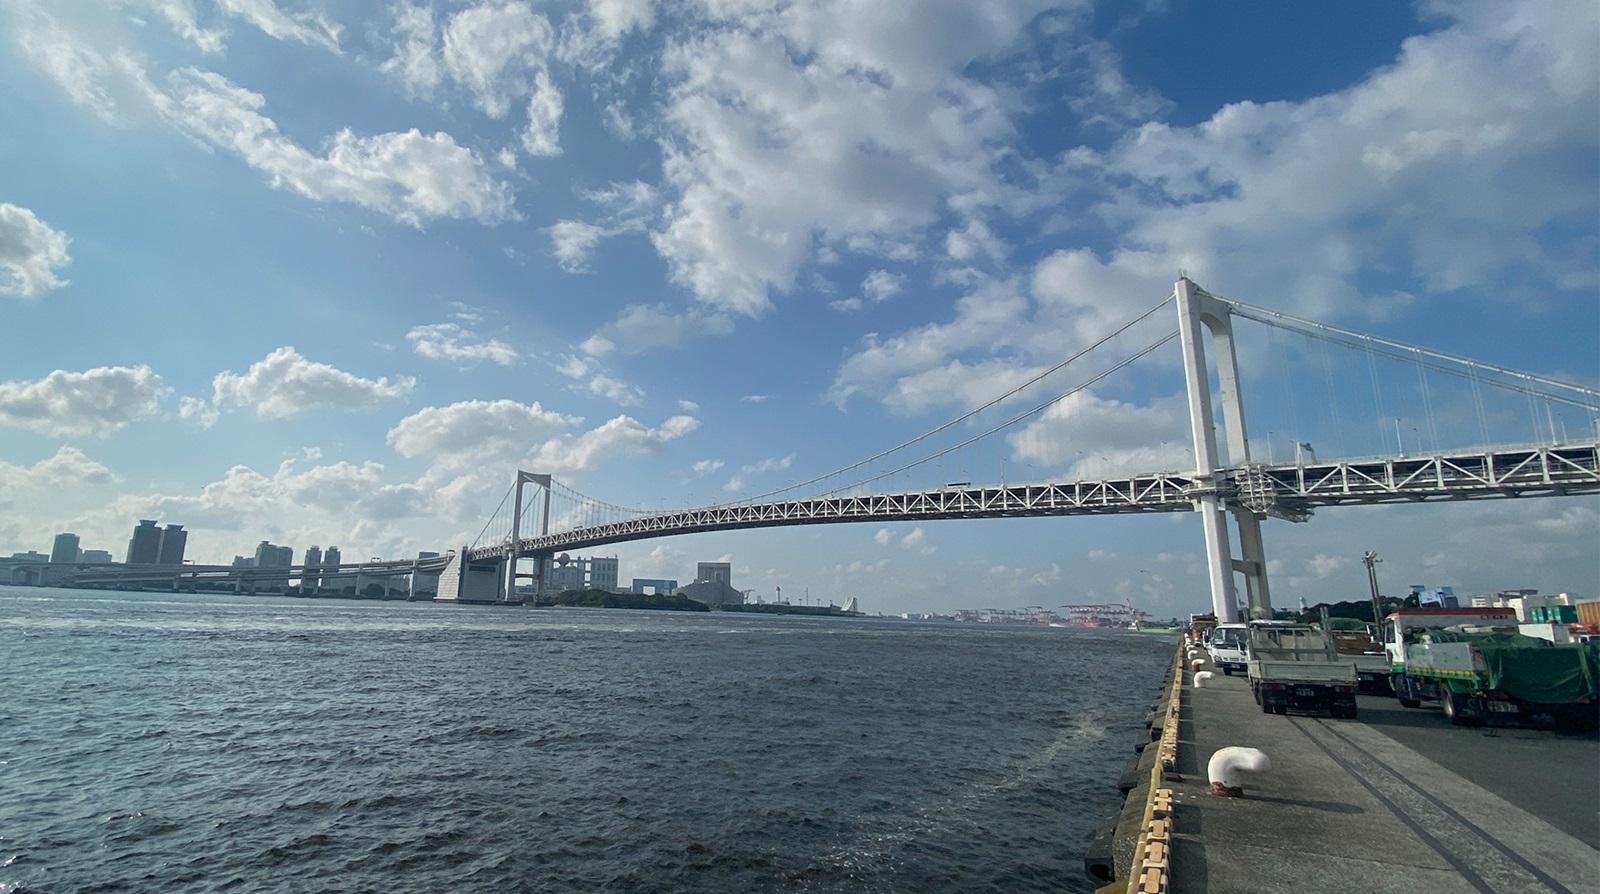 Rainbow bridge 1862x1040